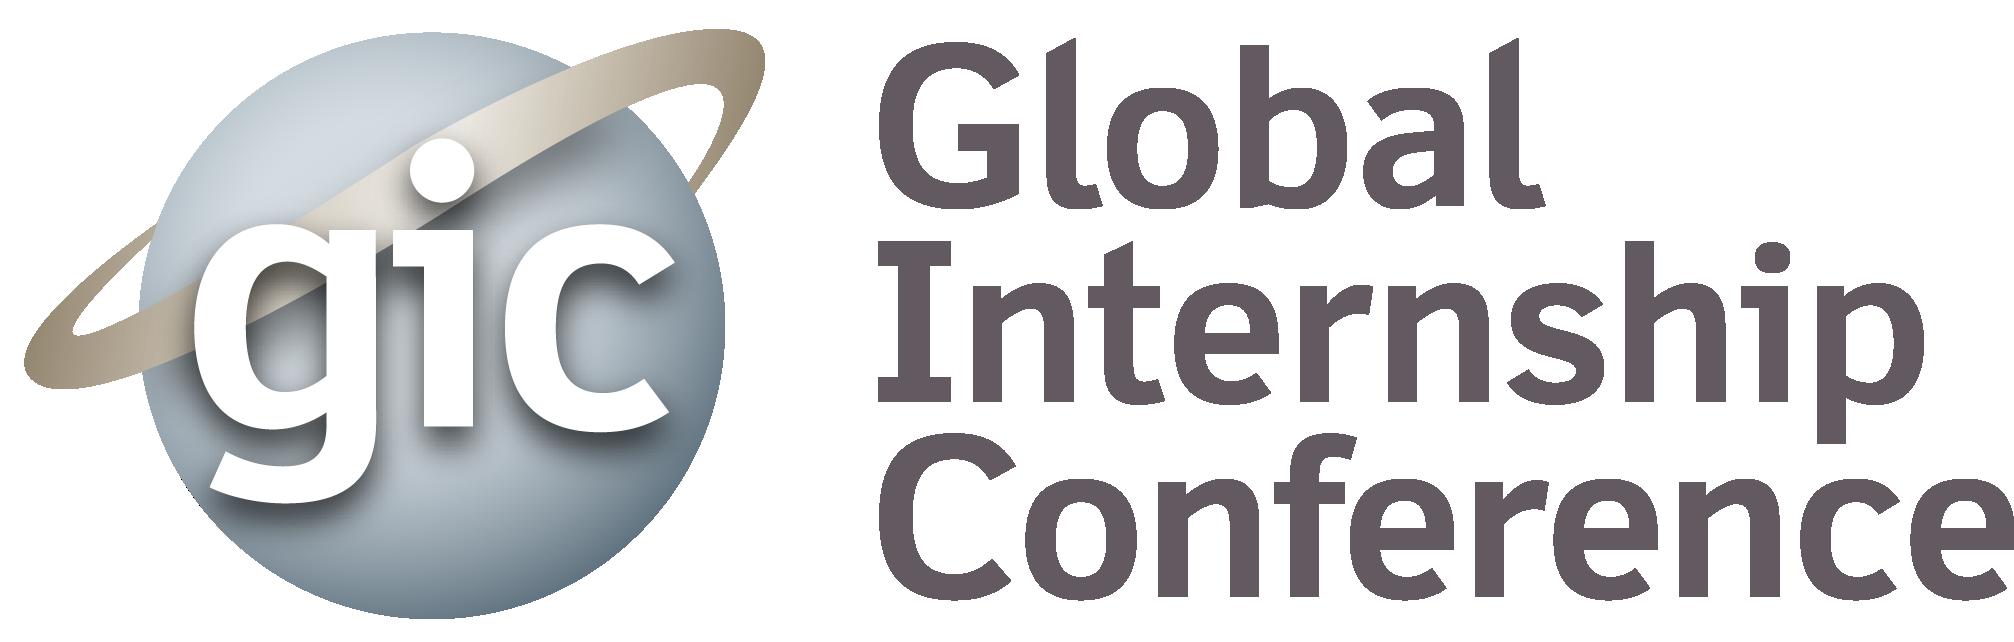 کنفرانس های اوکلند 12 - کنفرانس های ماه جولای 2019 اوکلند